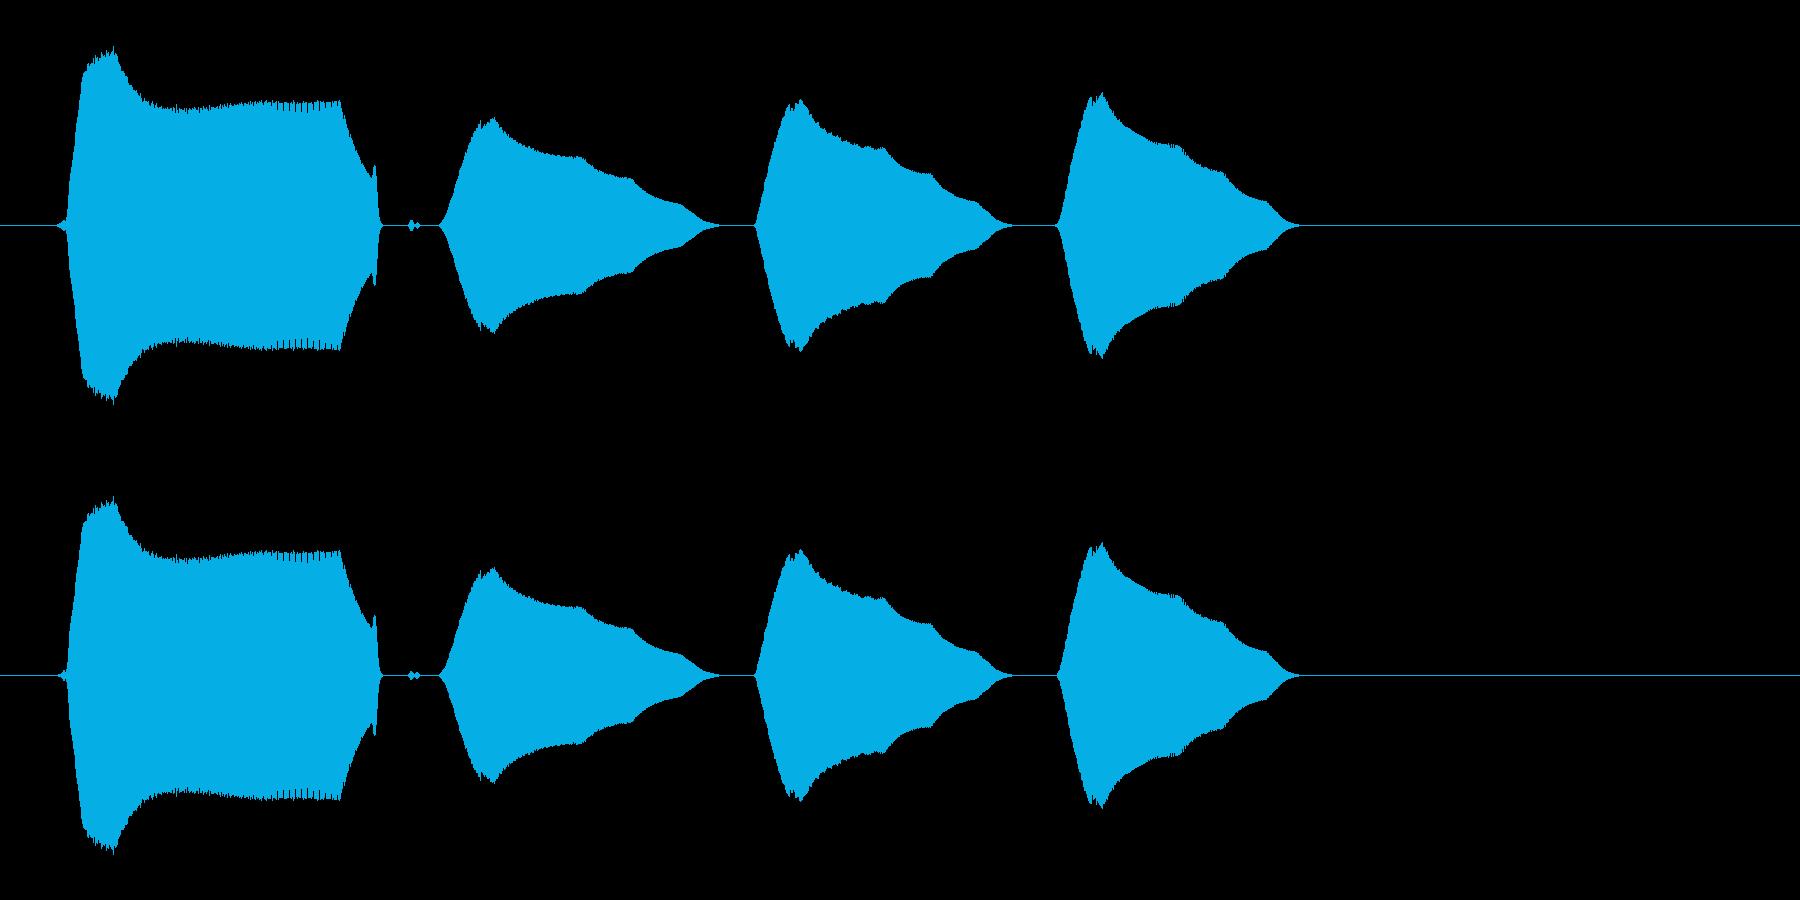 小鳥の明るい鳴き声(短い)の再生済みの波形